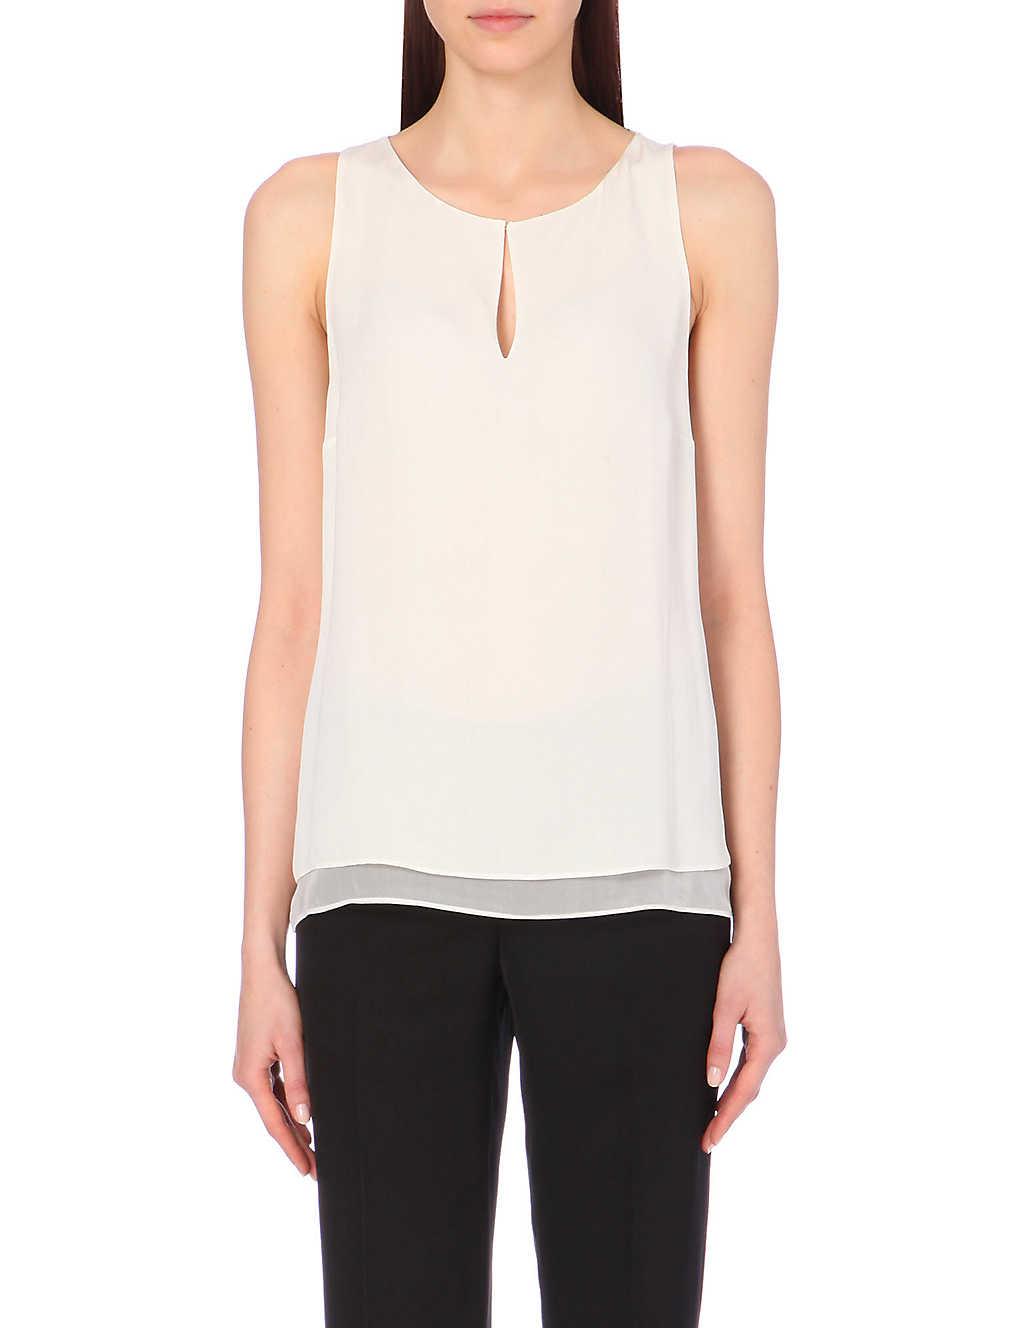 Diane von Furstenberg Silk Raica Top With Credit Card For Sale n6a3bFhFmW